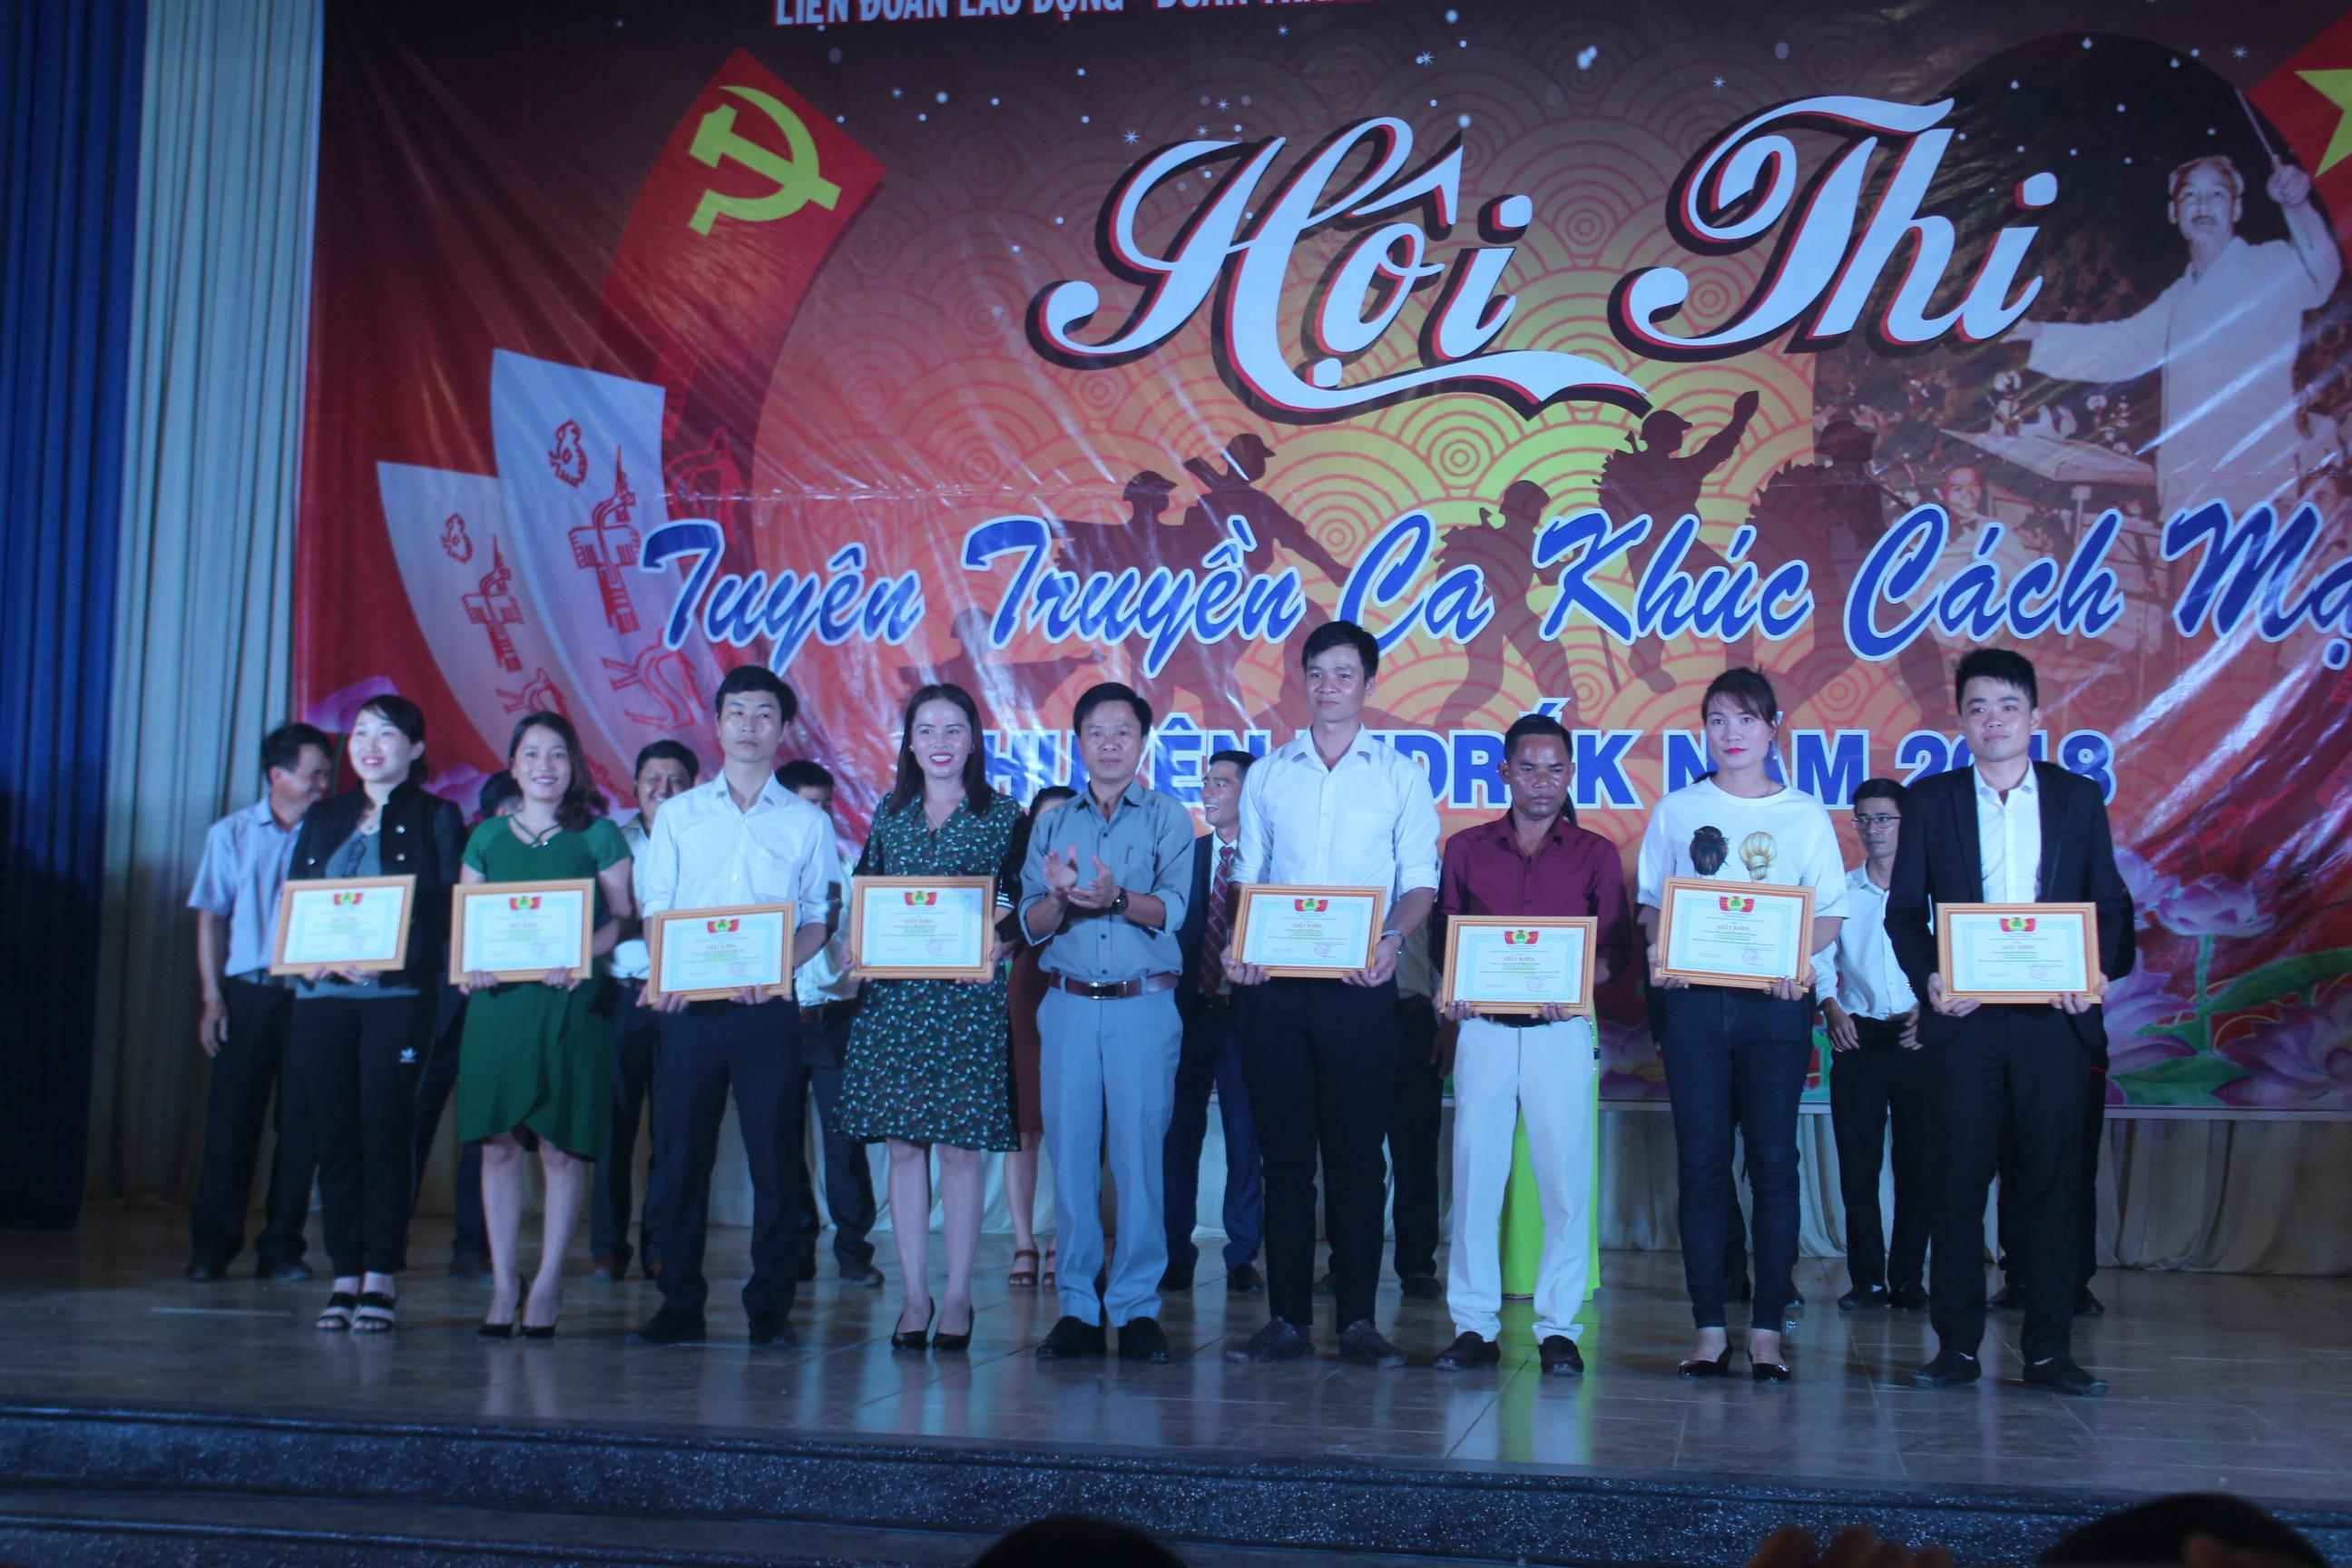 Ghi nhận từ Hội thi tuyên truyền ca khúc cách mạng huyện M'Đrắk năm 2018